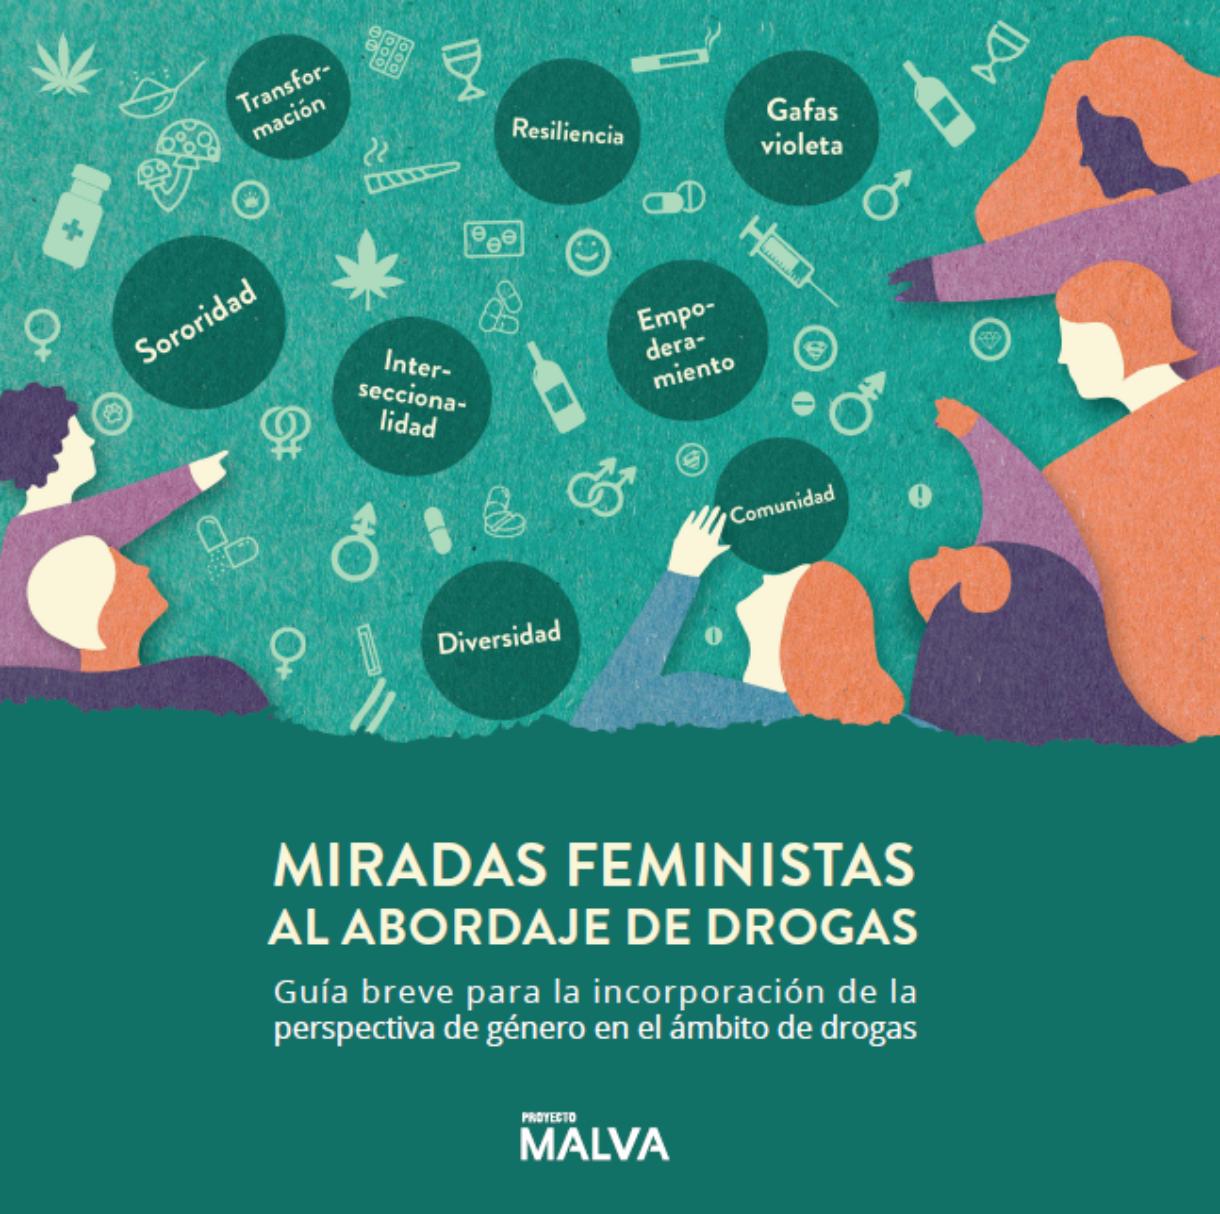 MIRADAS FEMINISTAS AL ABORDAJE DE DROGAS. Guía breve para incorporar la perspectiva de género en el ámbito de drogas